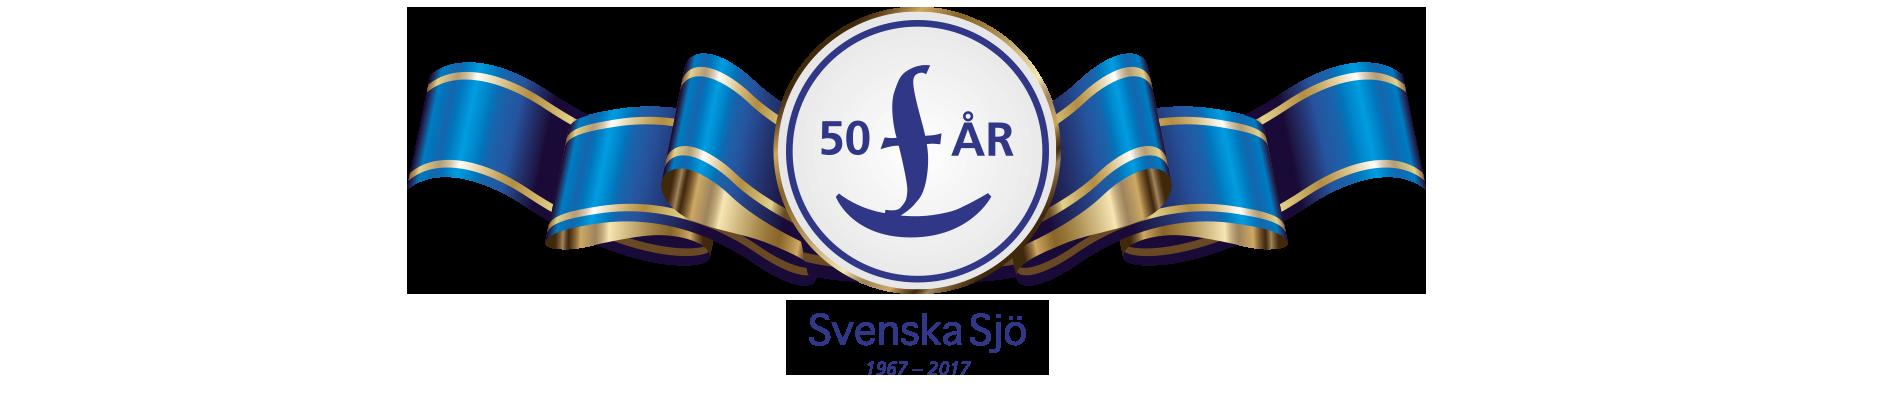 svenskasjo50